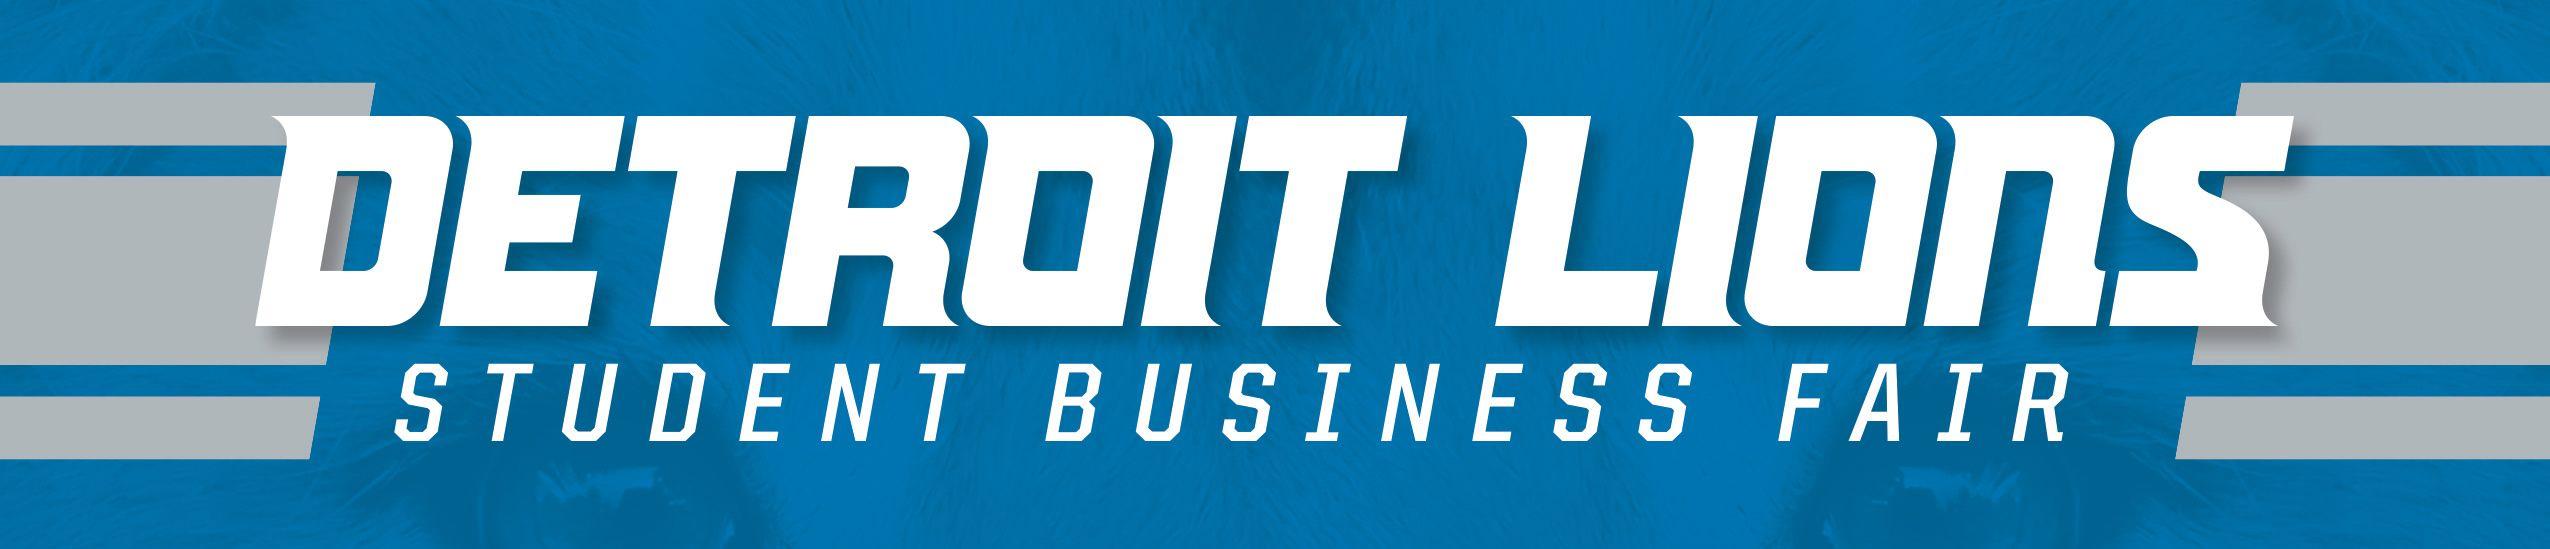 student-business-fair-header